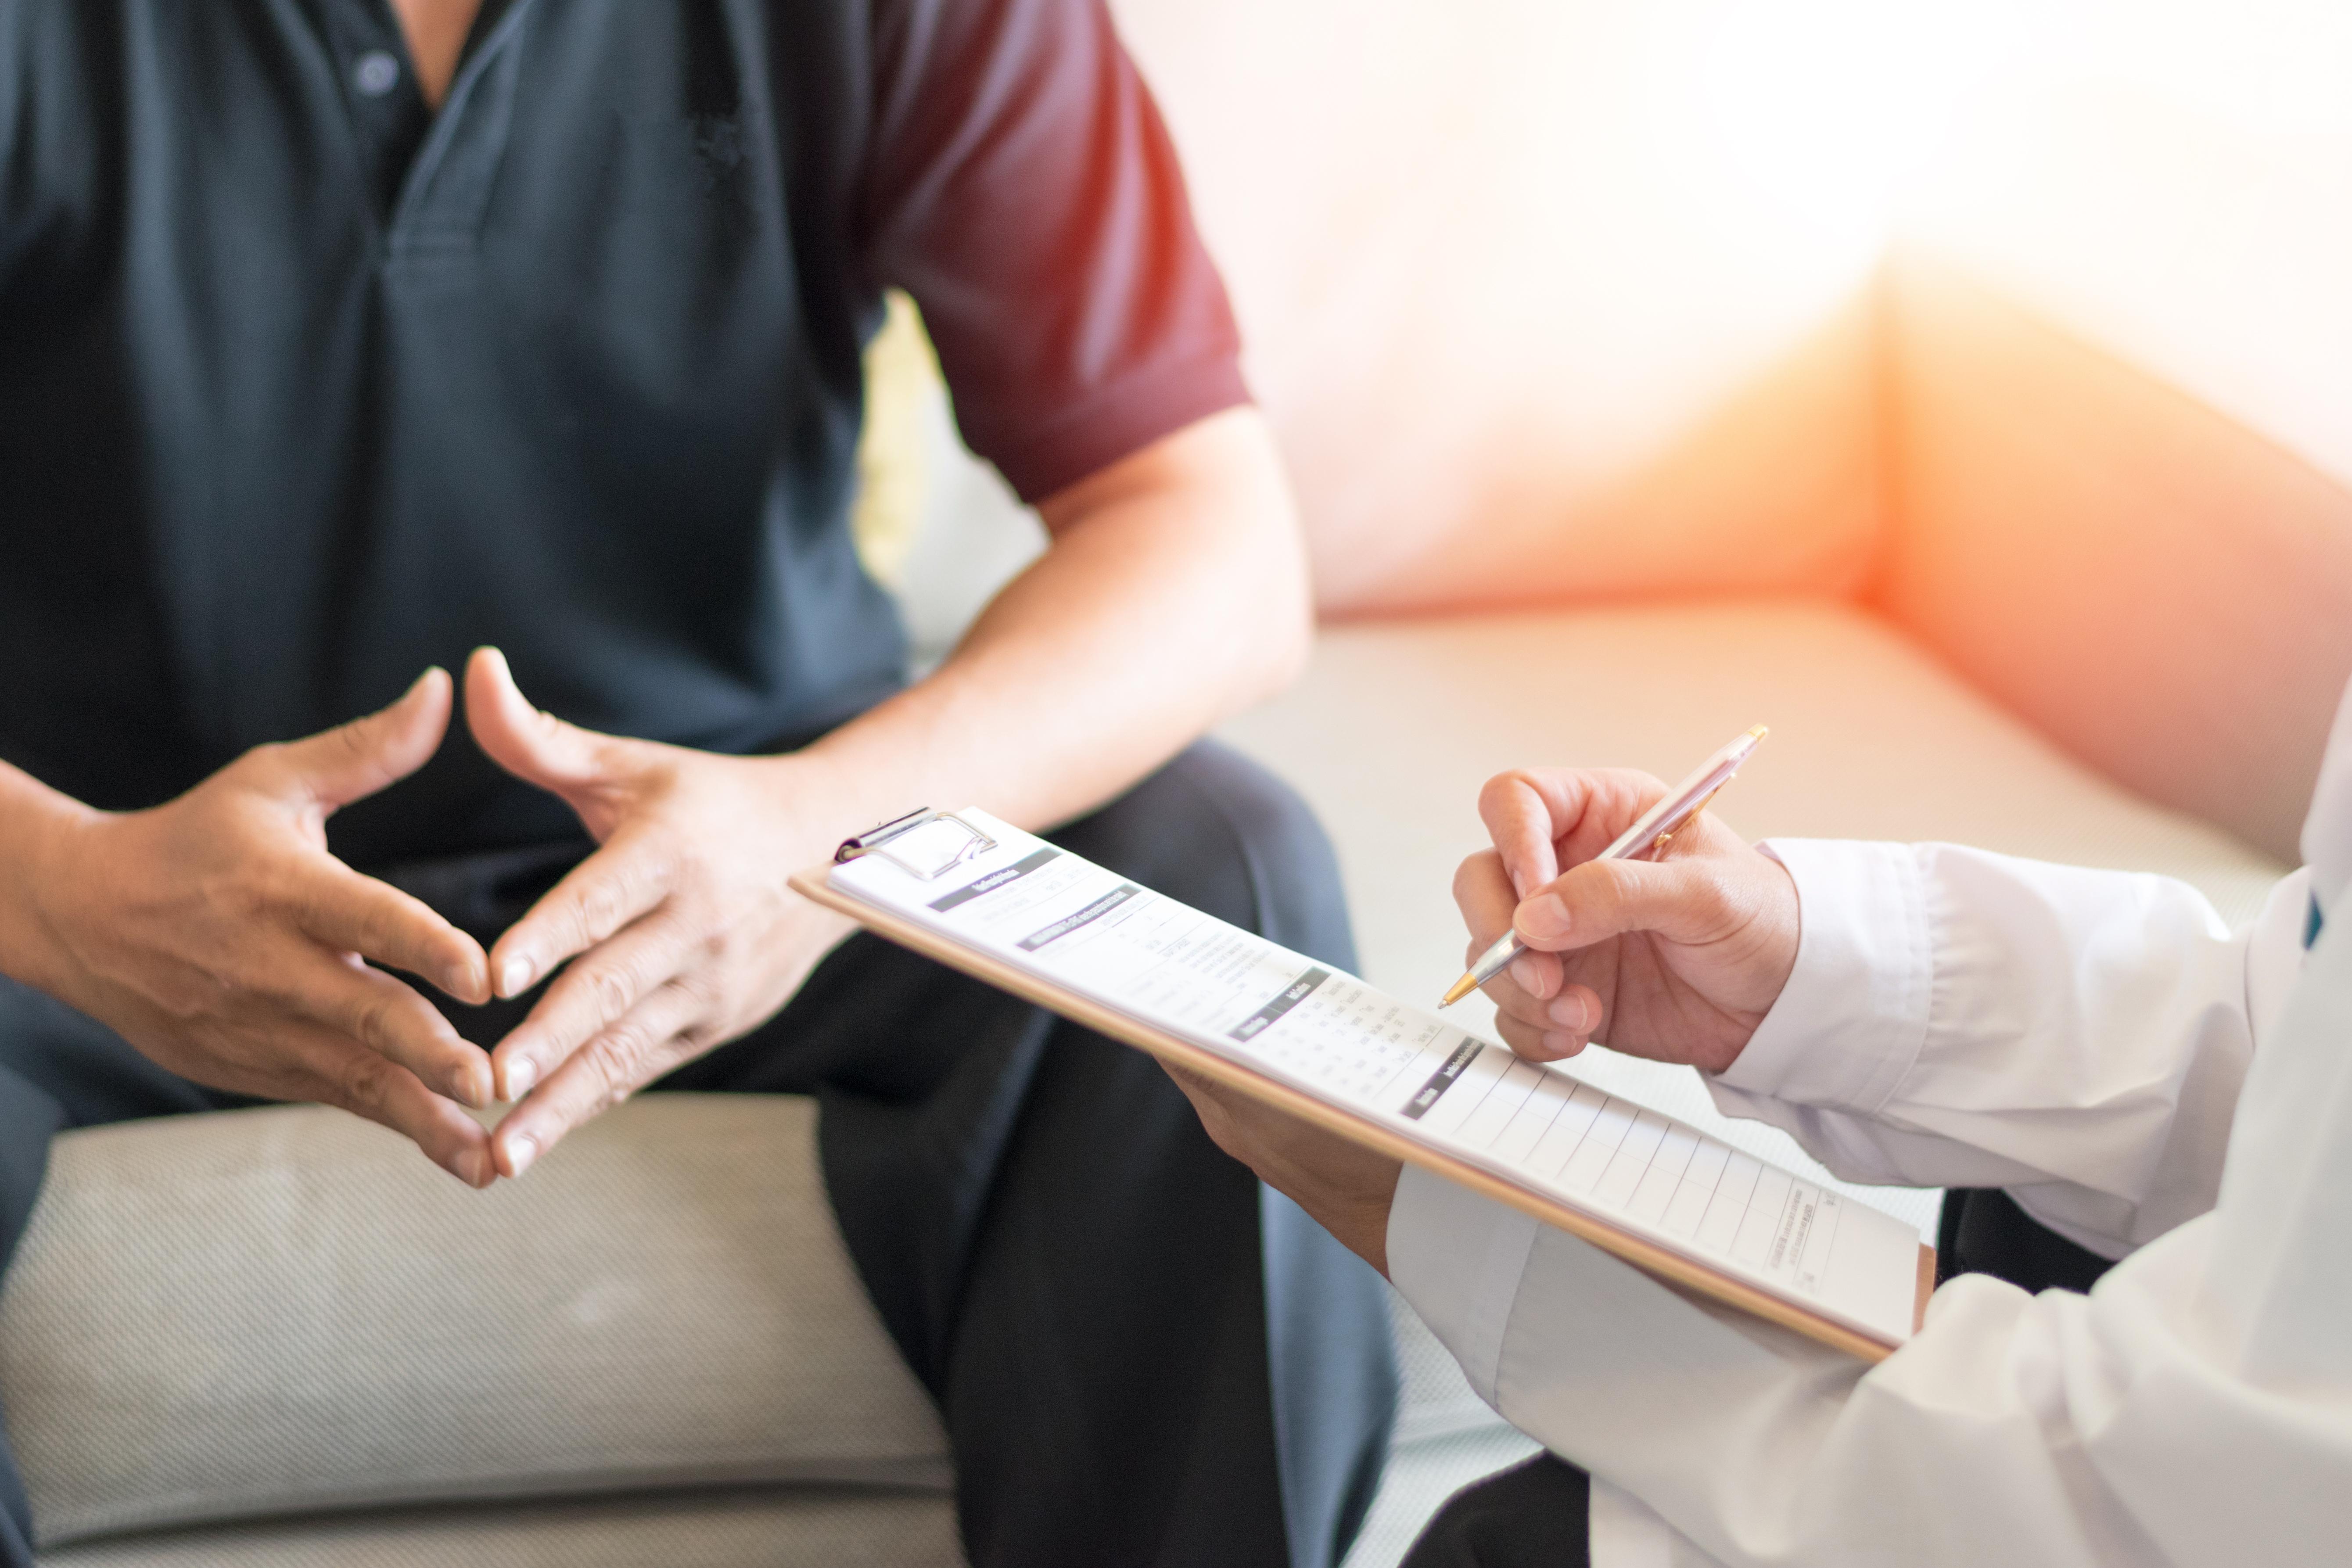 operacijos prostatektomija ir erekcija nemokamai kaip prailginti varpą